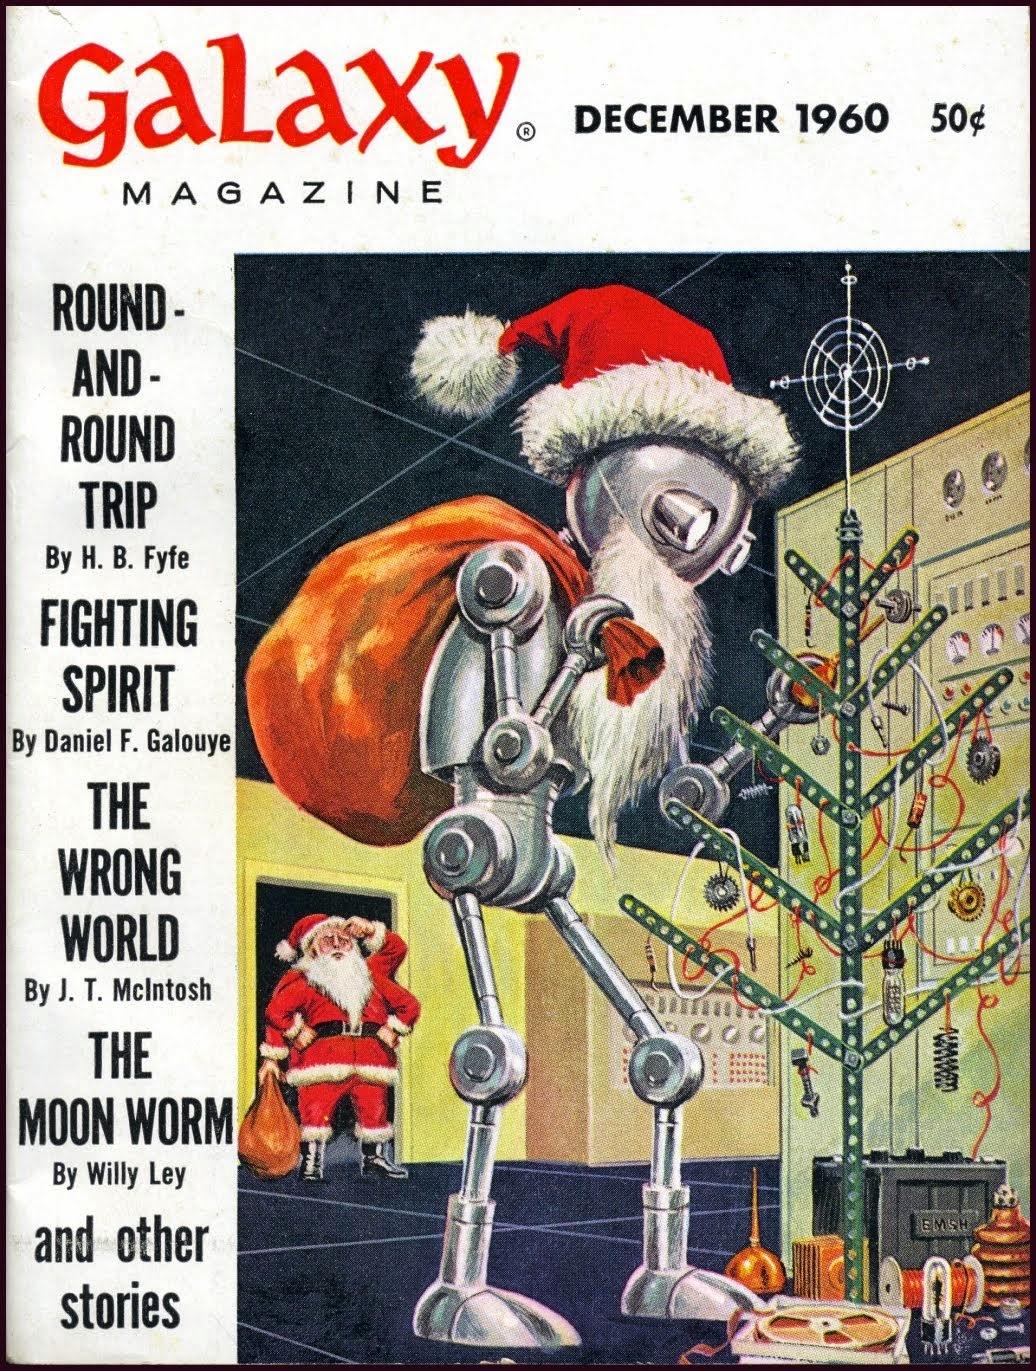 Новогодняя обложка американского научно-фантастического журнала